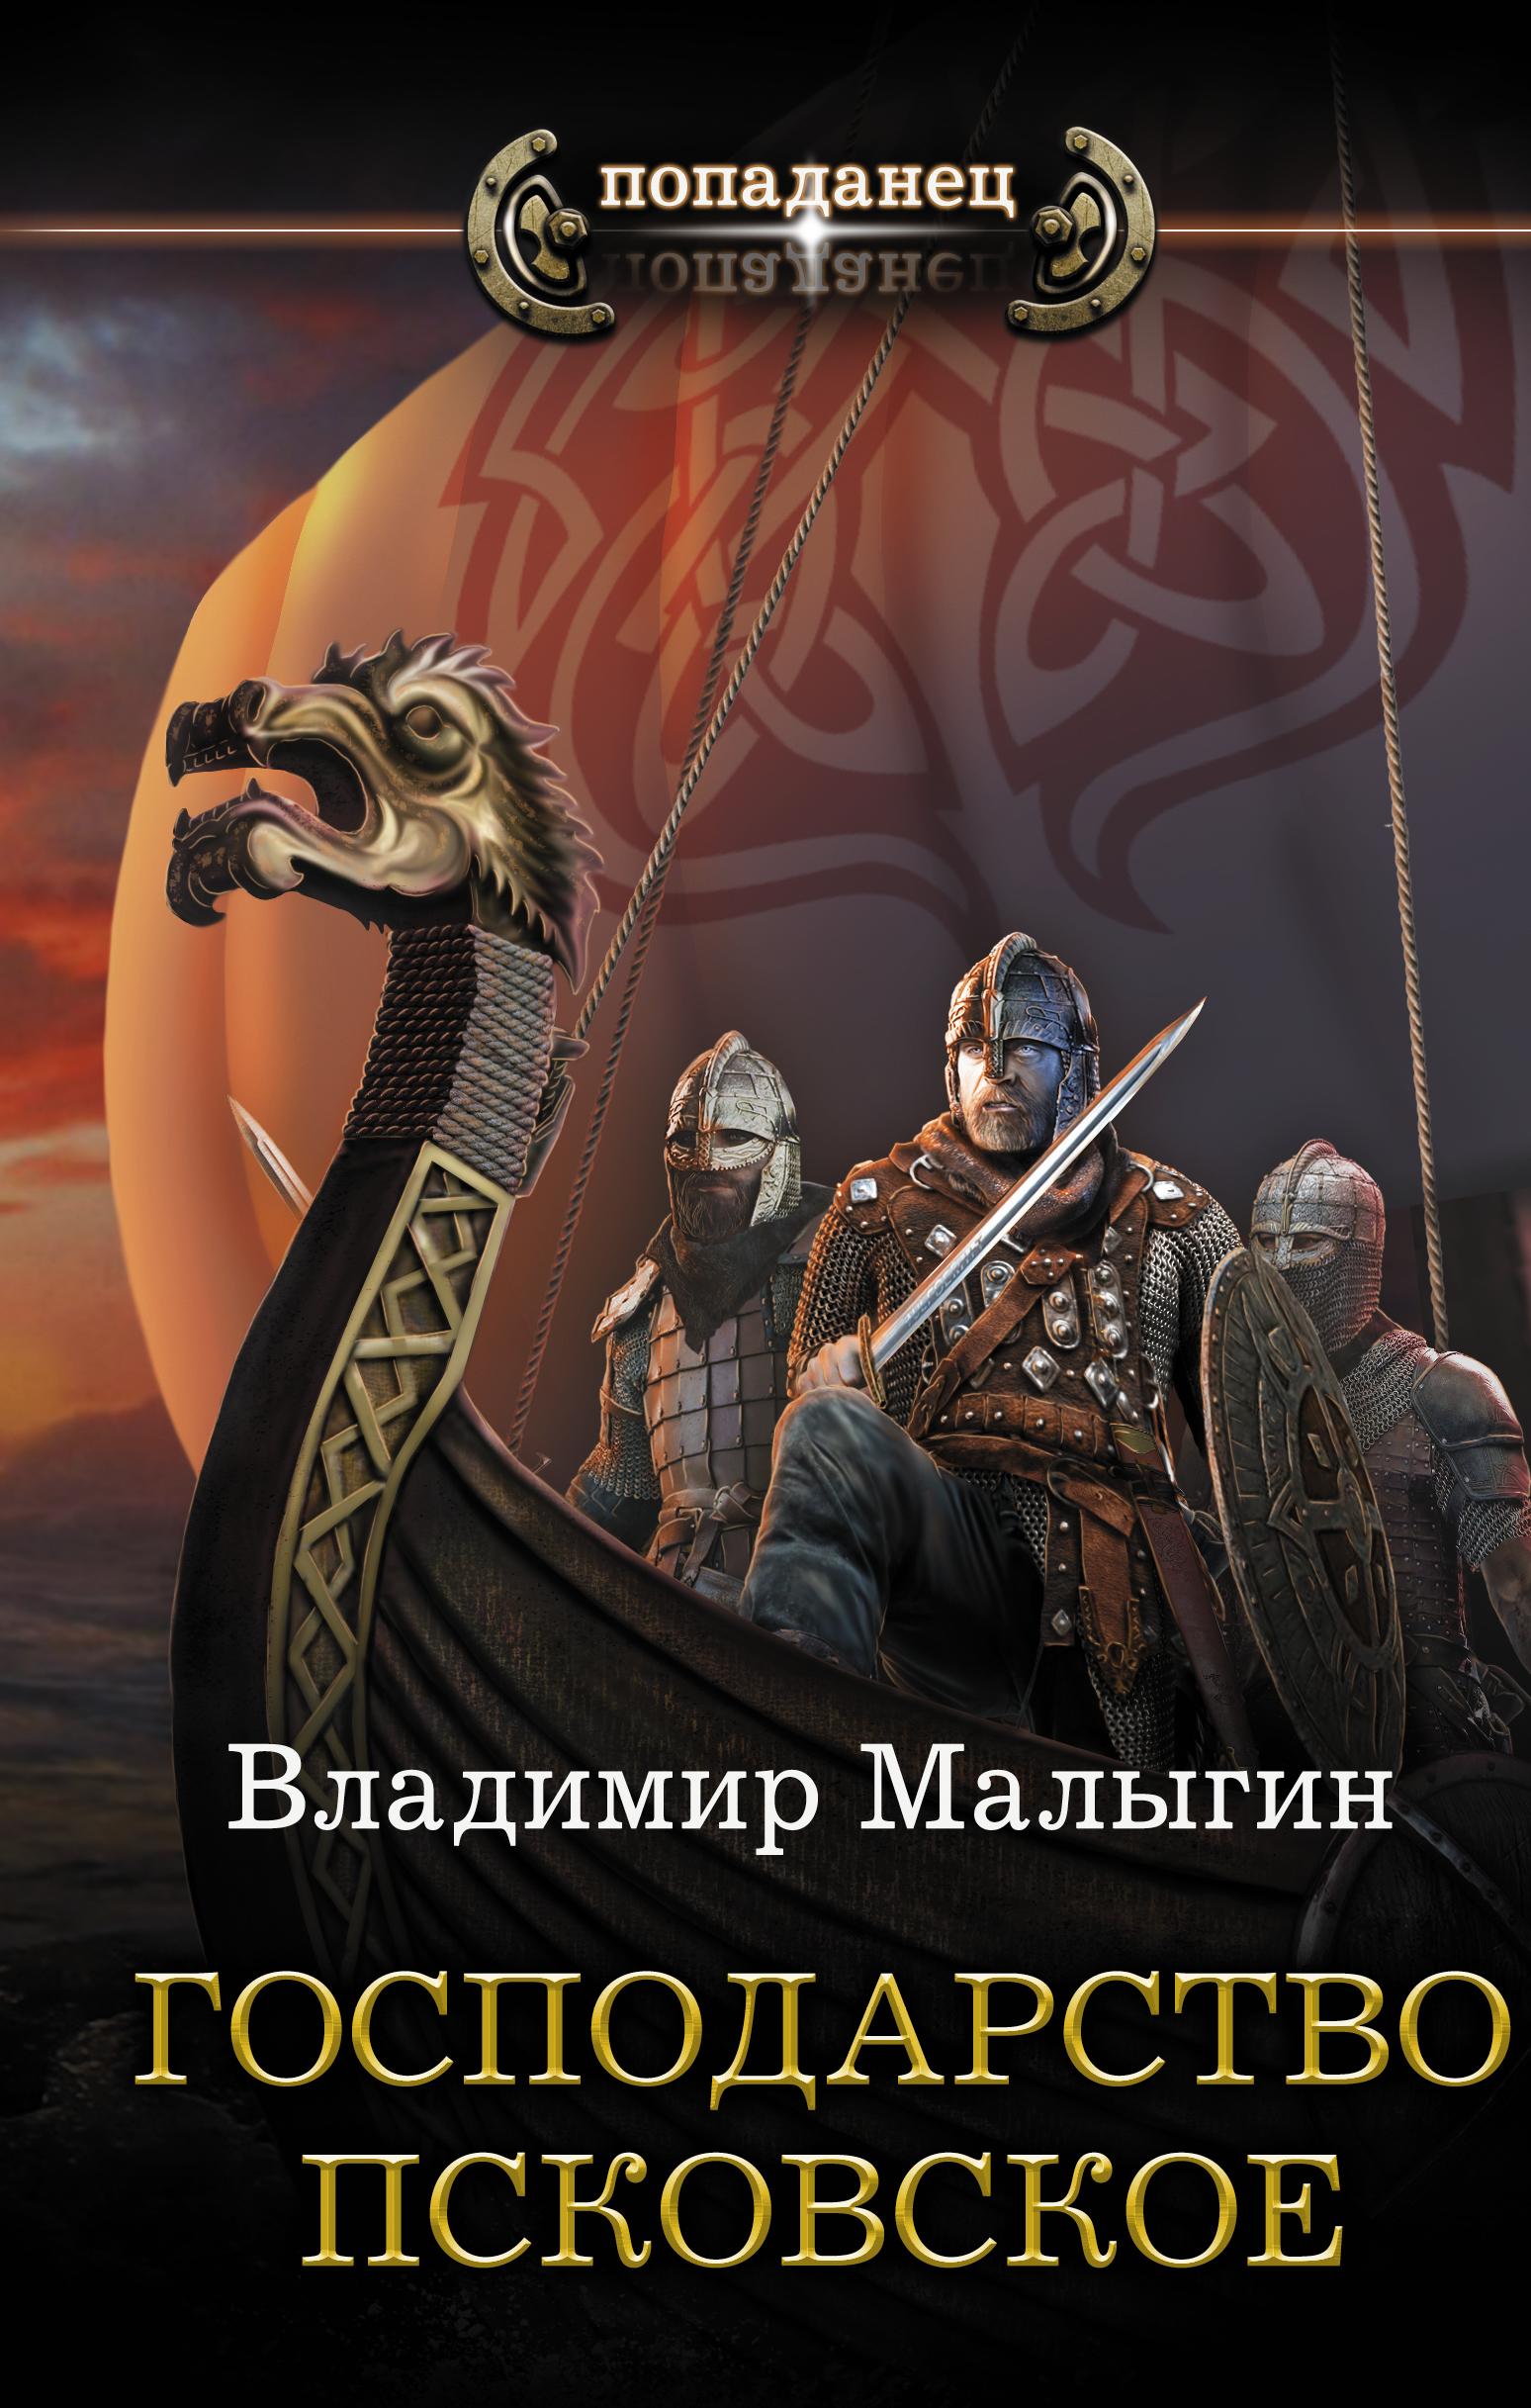 Малыгин Владимир Владиславович Господарство Псковское